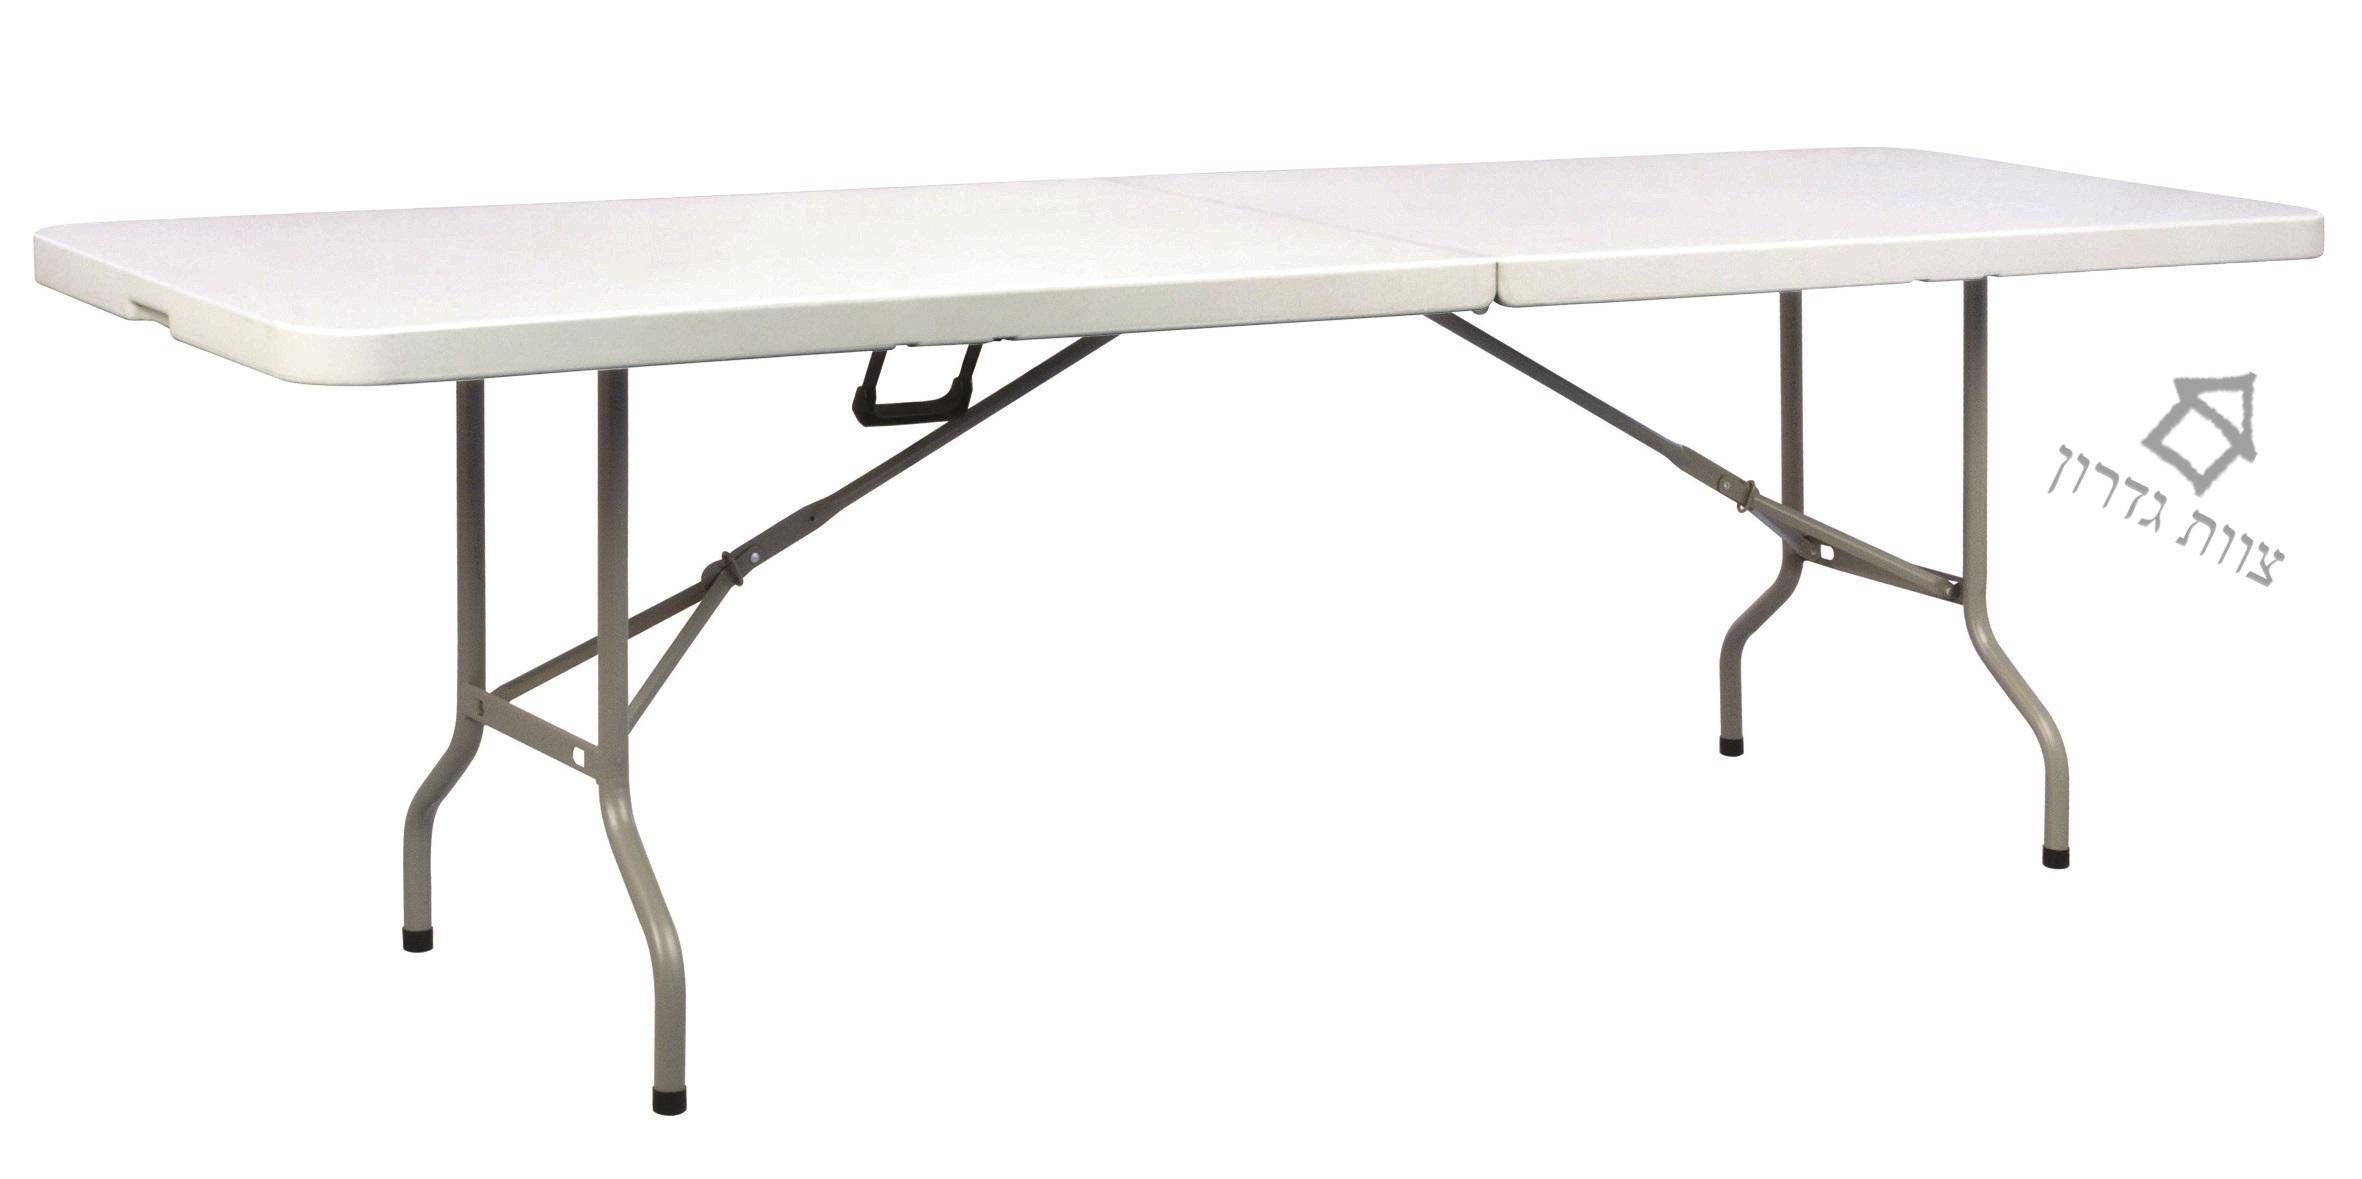 ששולחן מתקפל ענק לאירועים- צוות גדרון